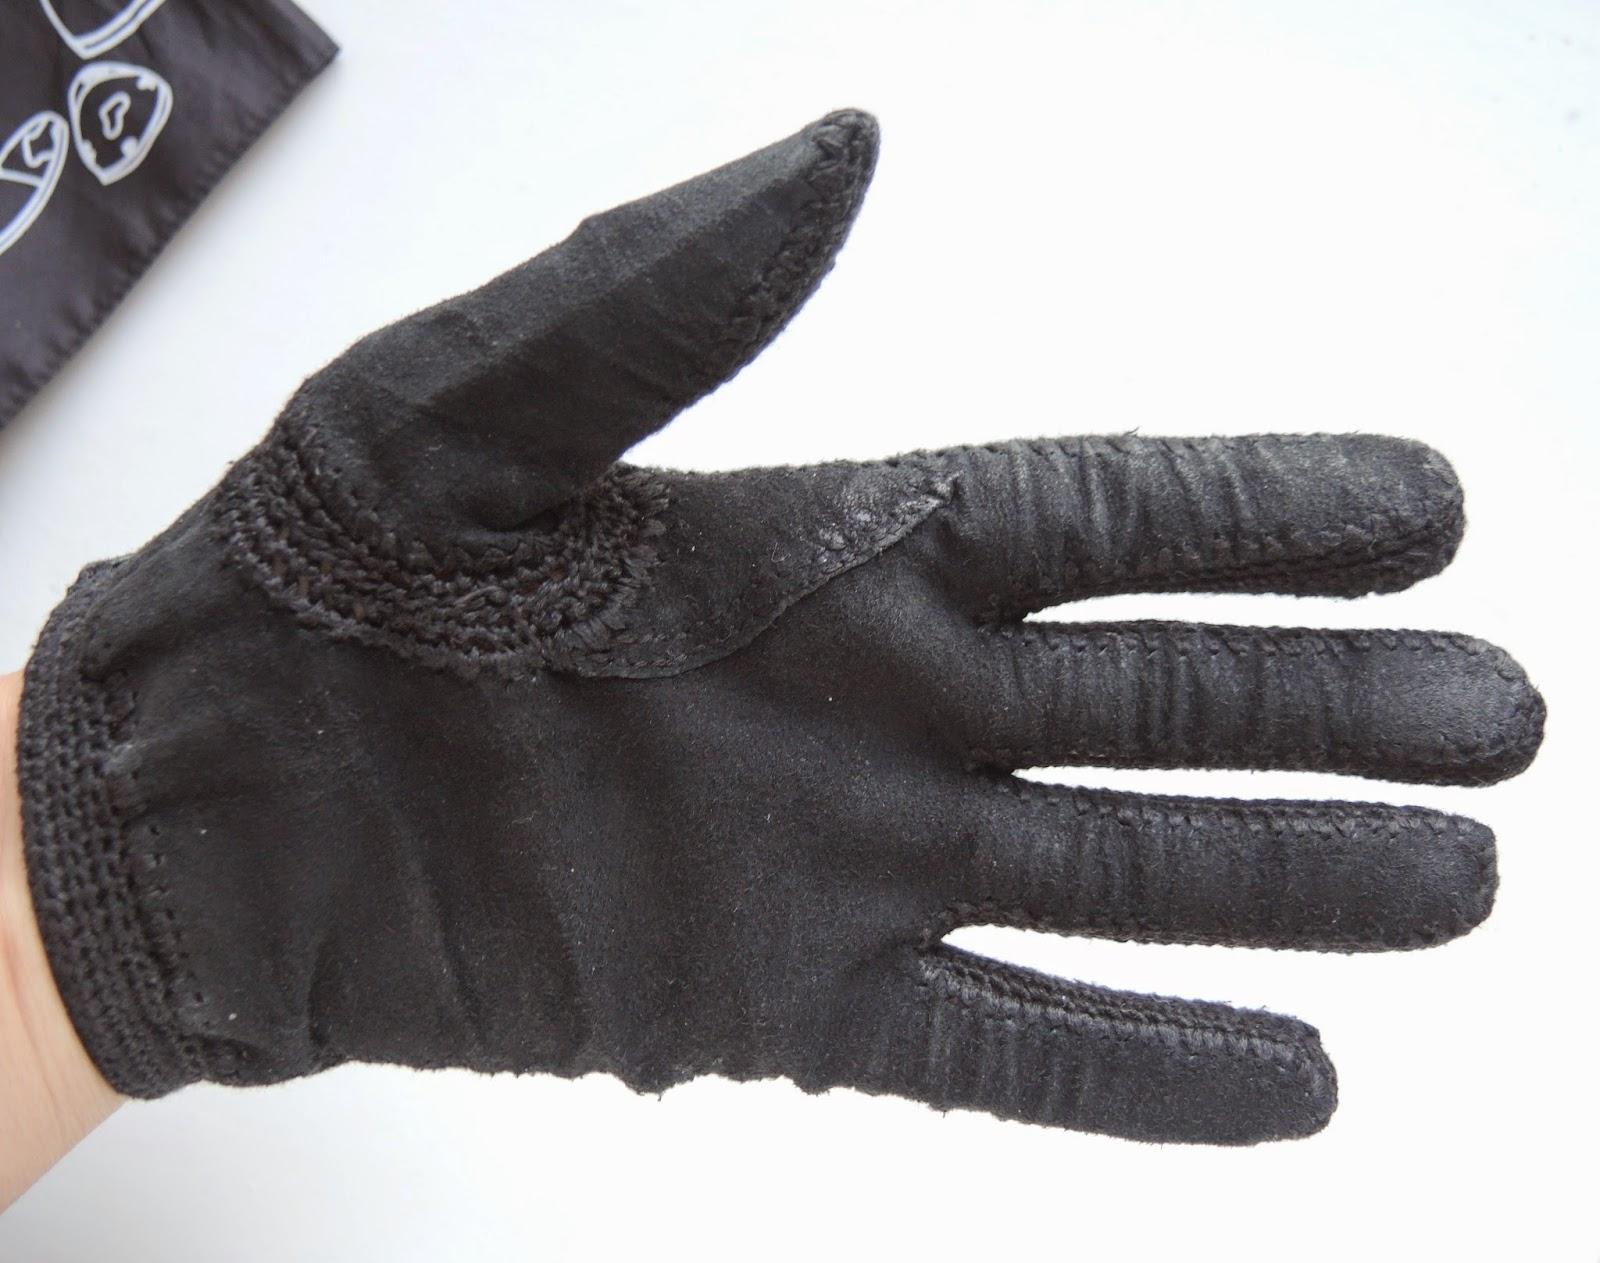 Gloves, gloves.jpg, gloves made of leather, leather gloves, restoration, перчатки из кожи, перчатки, как сделать перчатки, женские кожаные перчатки, перчатки кожа, перчатки фото, перчатки женские, кожаные перчатки, реставрация, переделка, перчатки из замши, обвязывание крючком, мулине